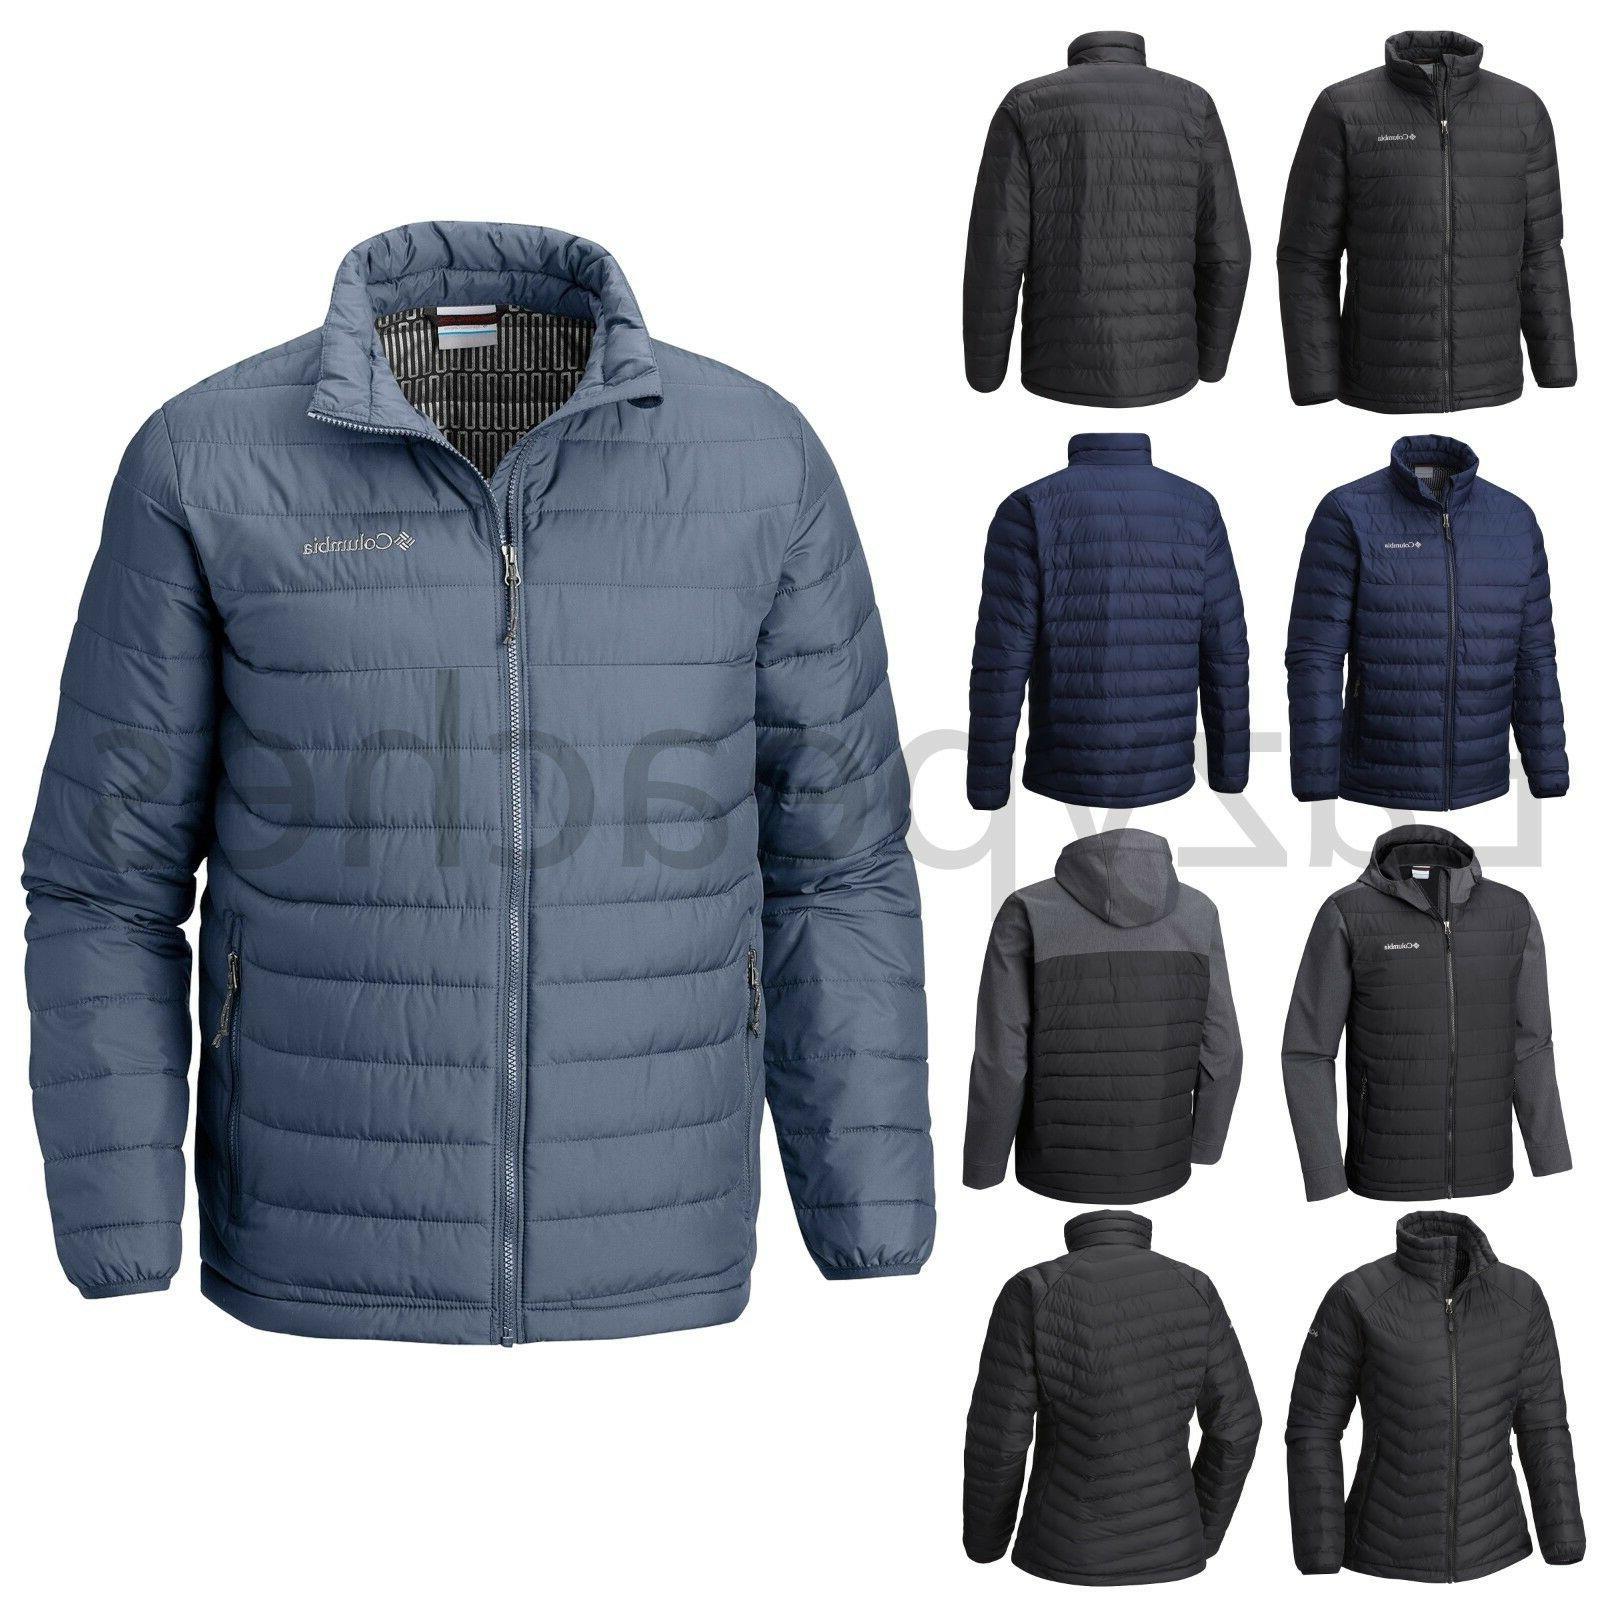 1190789a9669 Columbia Sportswear Men's Size S-3XL, Ladies, Oyanta Trail